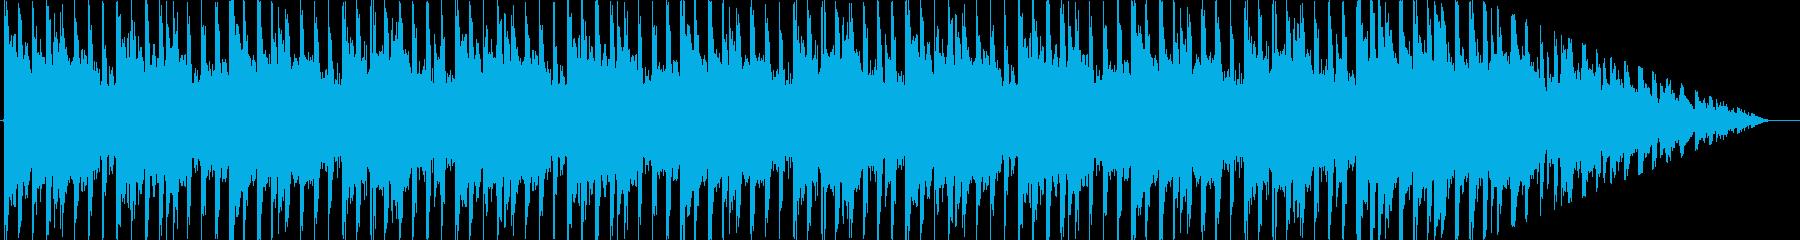 クンビアポップ。歌として。の再生済みの波形